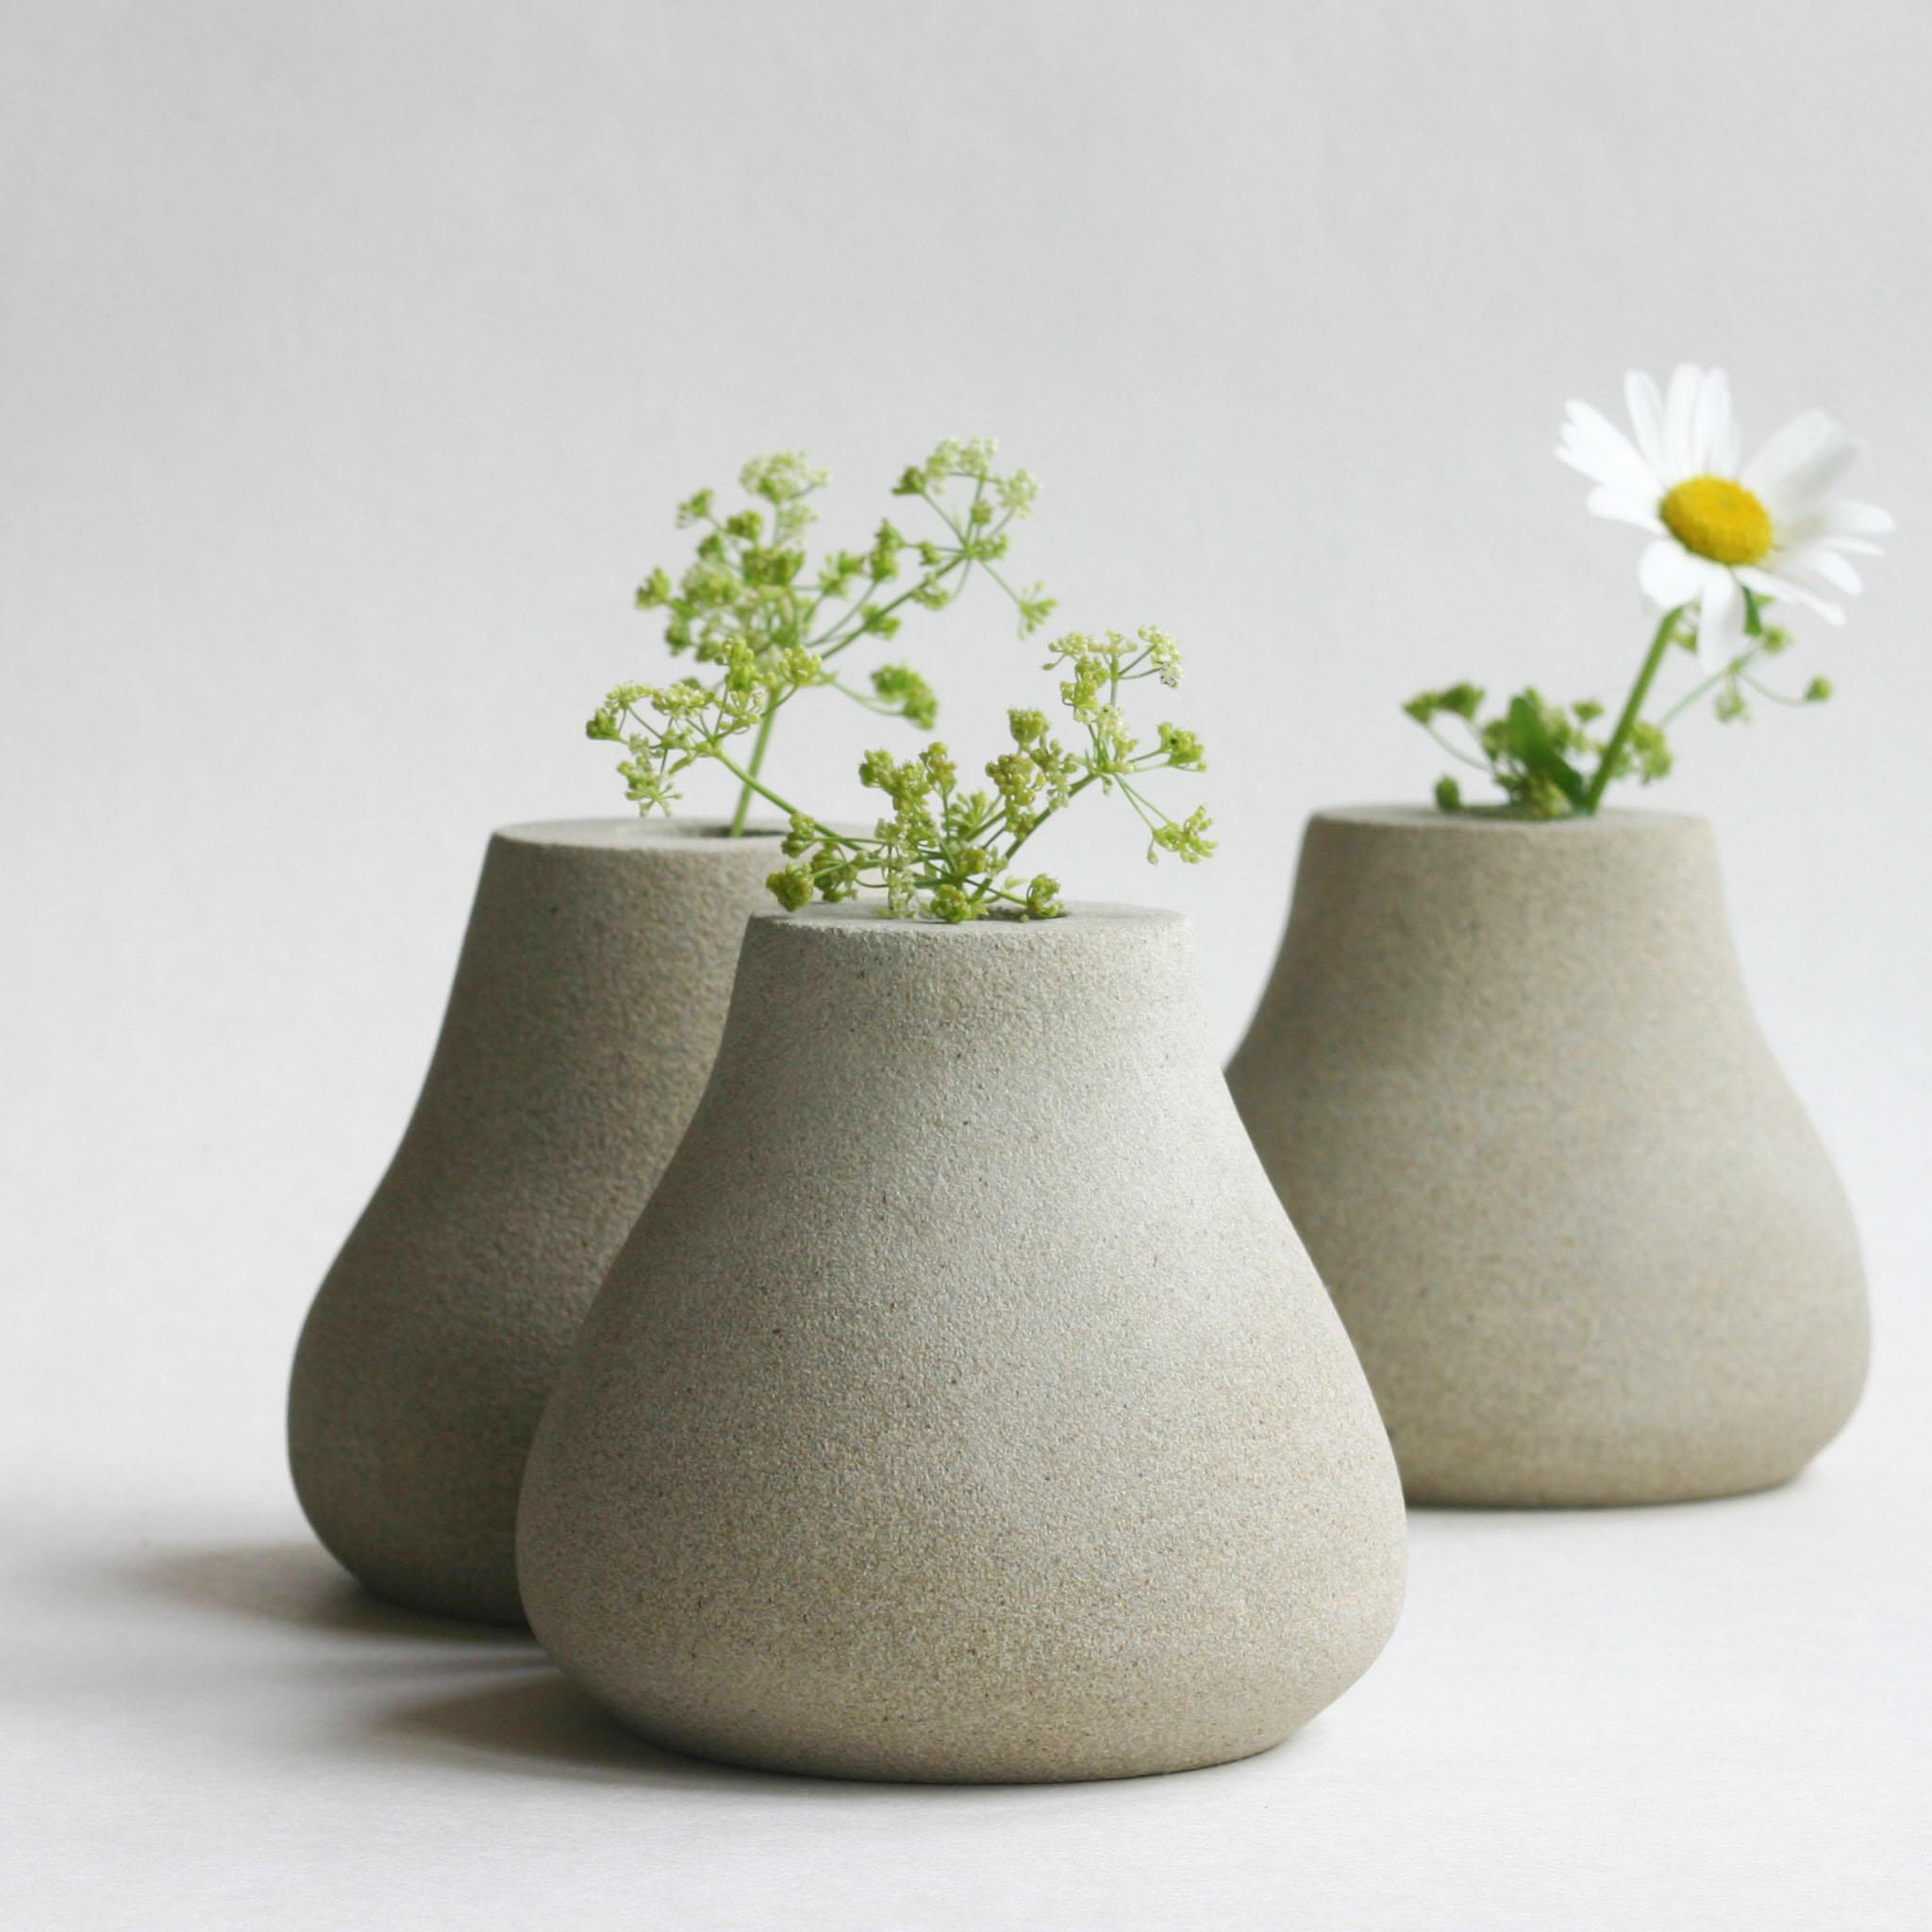 Teardrop bud vase